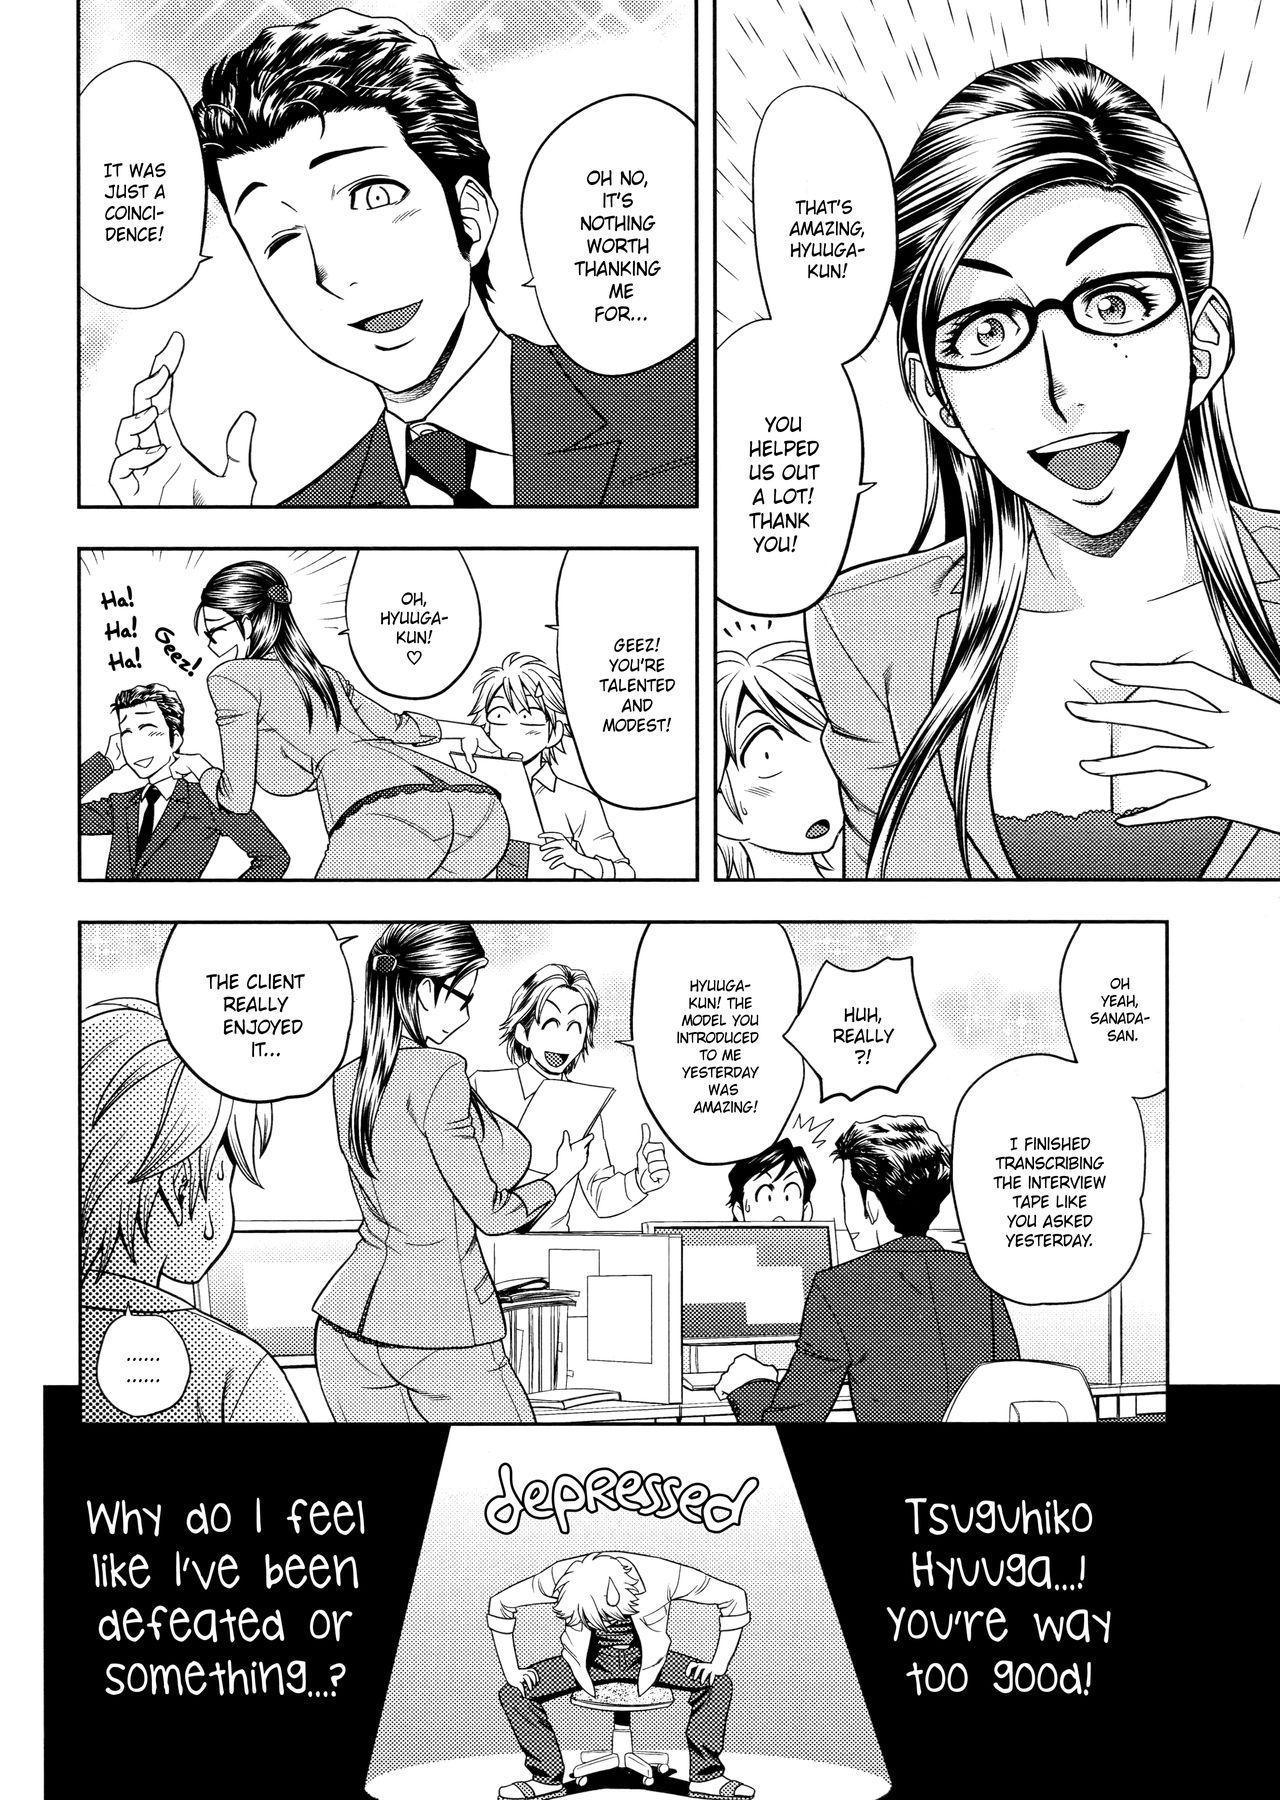 [Tatsunami Youtoku, Yamazaki Masato] Bijin Henshuu-chou no Himitsu | Beautiful Editor-in-Chief's Secret Ch. 1-7 [English] [Forbiddenfetish77, Red Vodka, Crystalium, CEDR777] [Decensored] 71